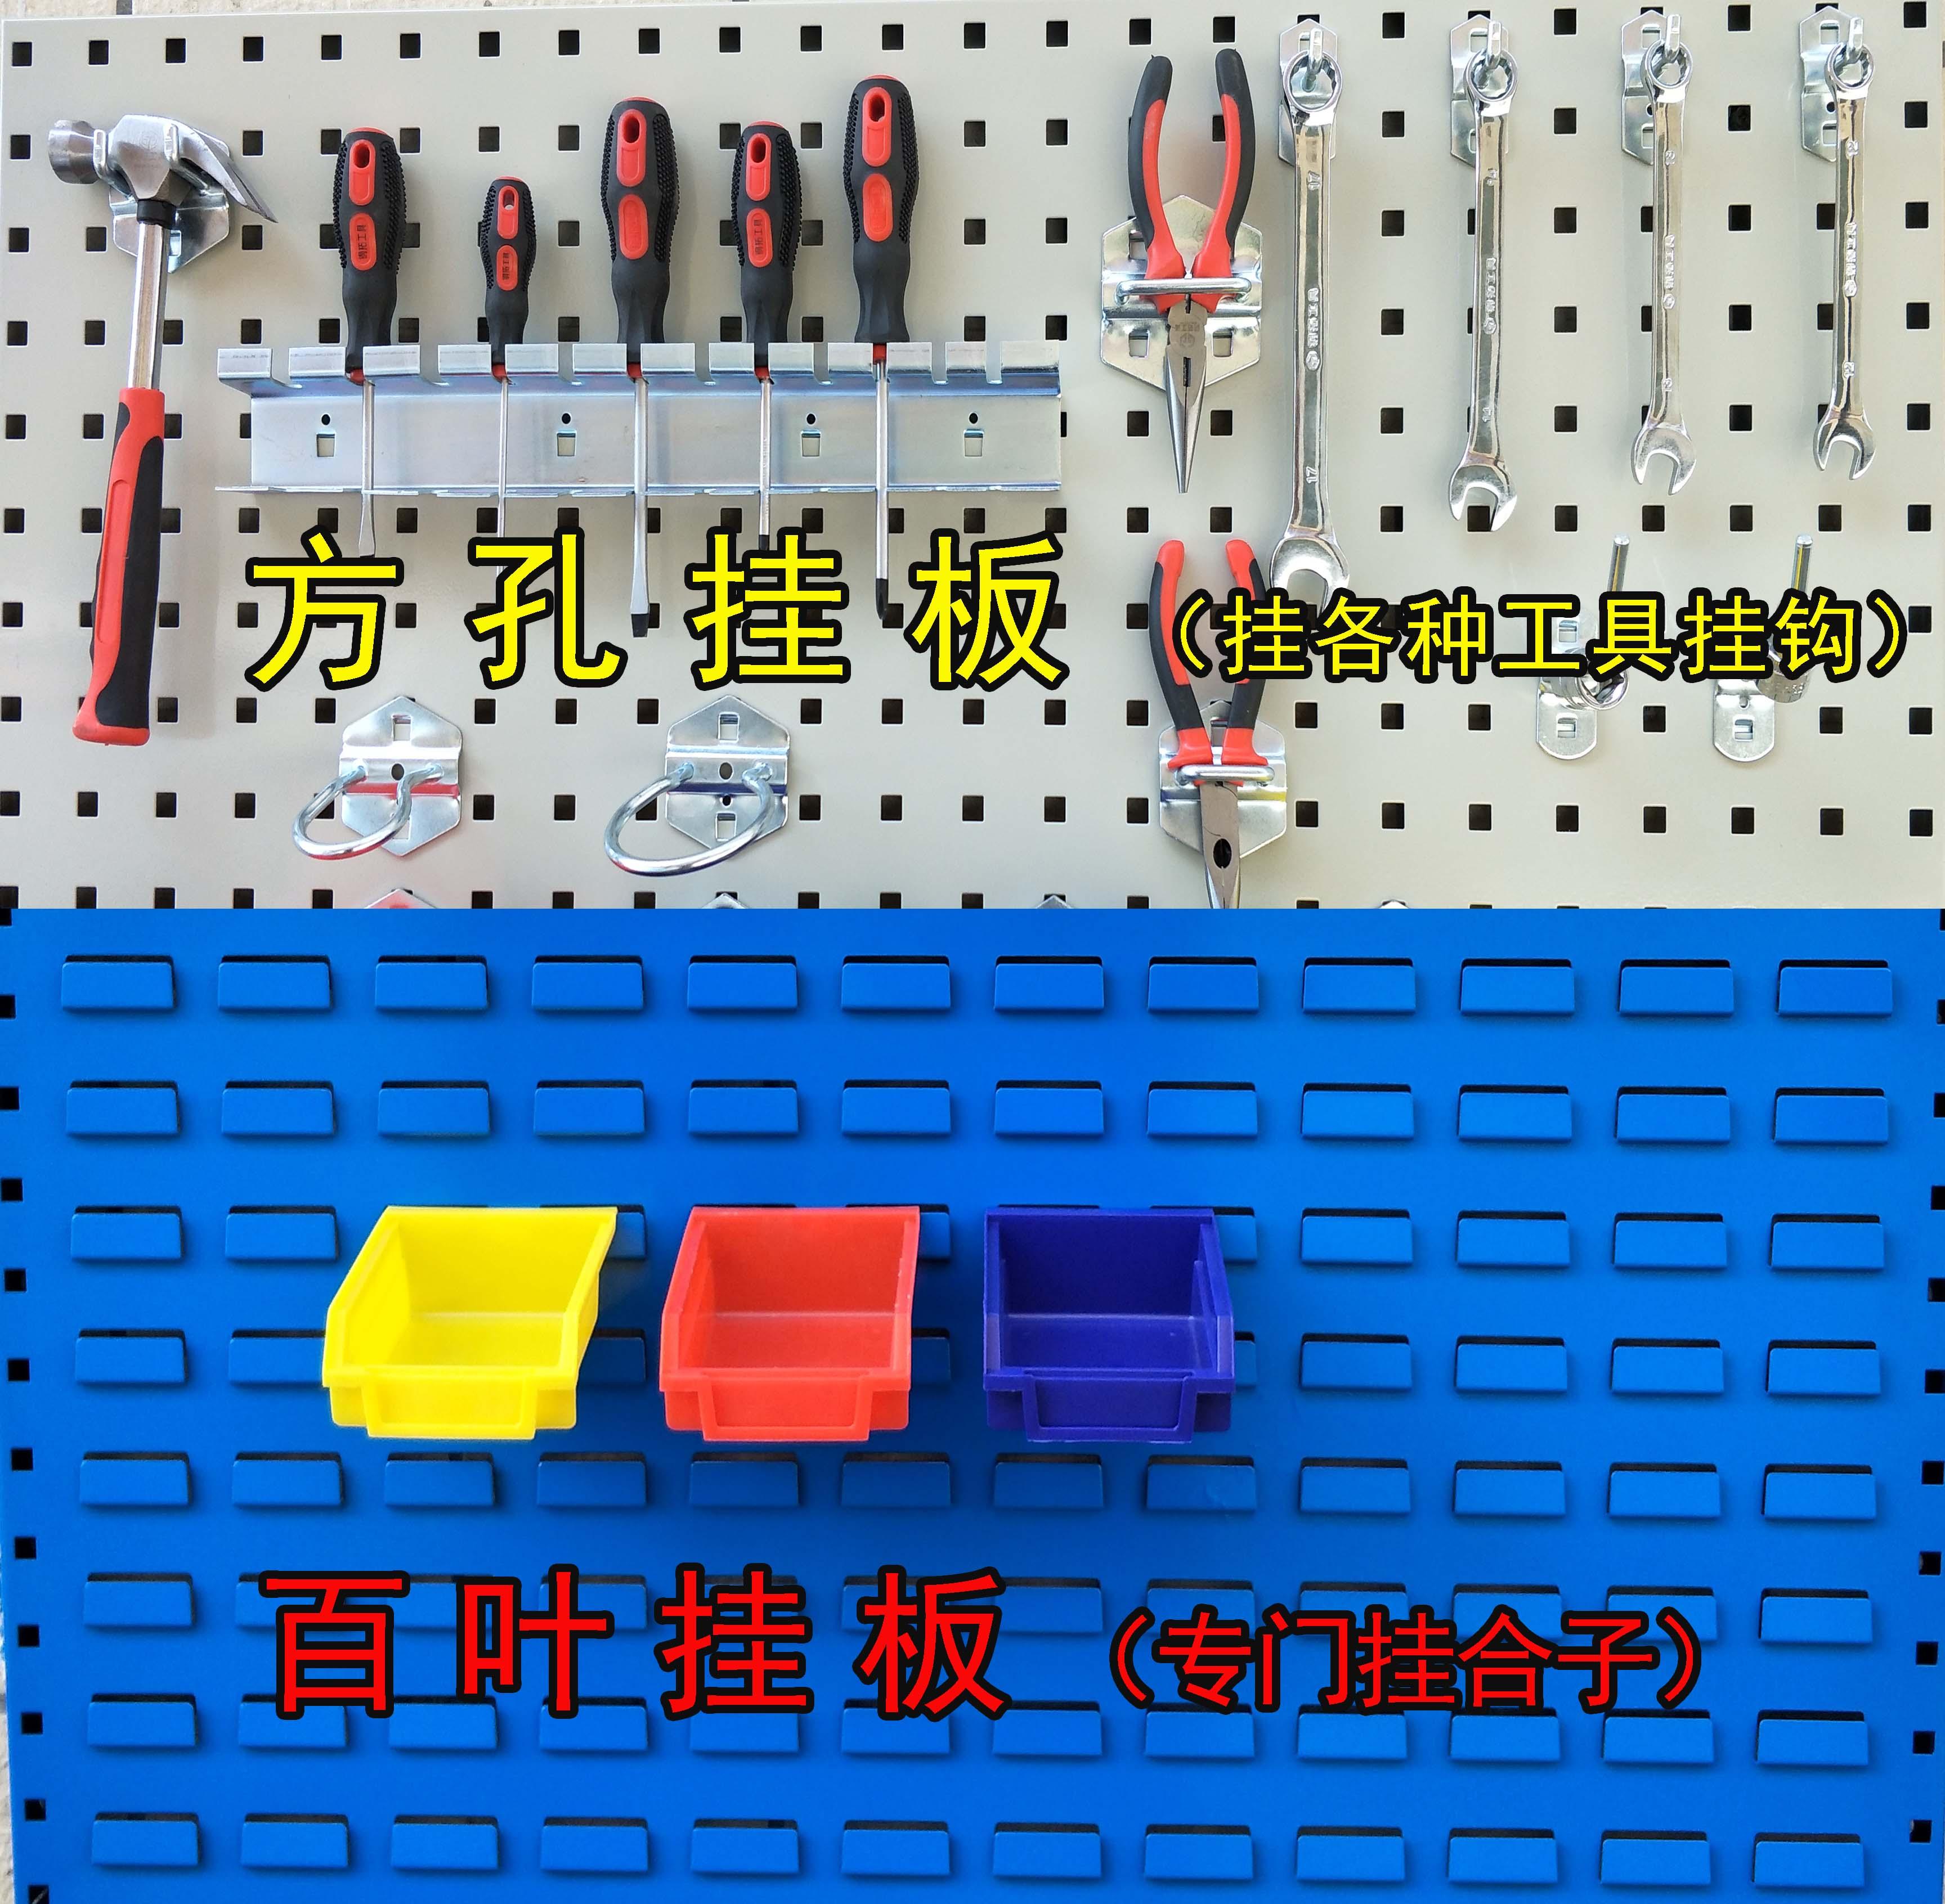 五金工具挂板方孔挂板挂钩工具架挂板洞洞板货架工具墙工具整理架